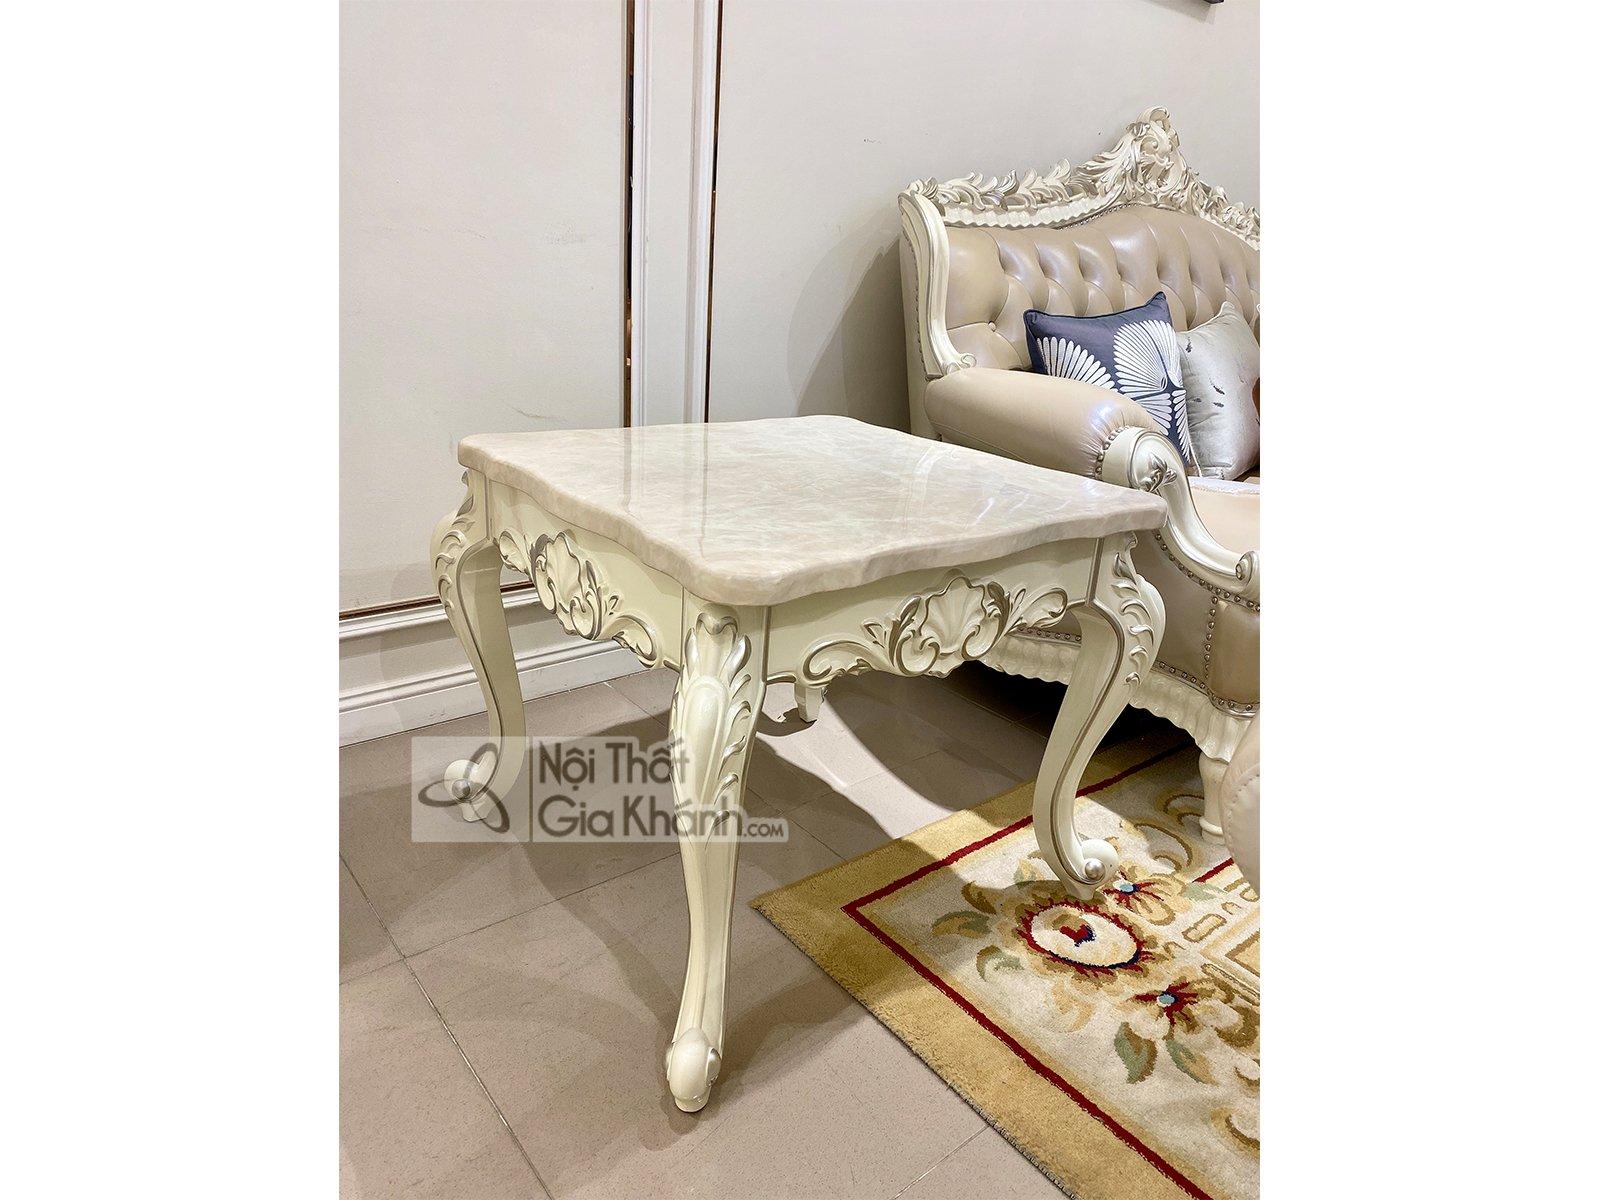 ban tra goc mat da trang phong khach h8801btv 2 - Bàn trà góc mặt đá trắng phòng khách H8801BTV-2